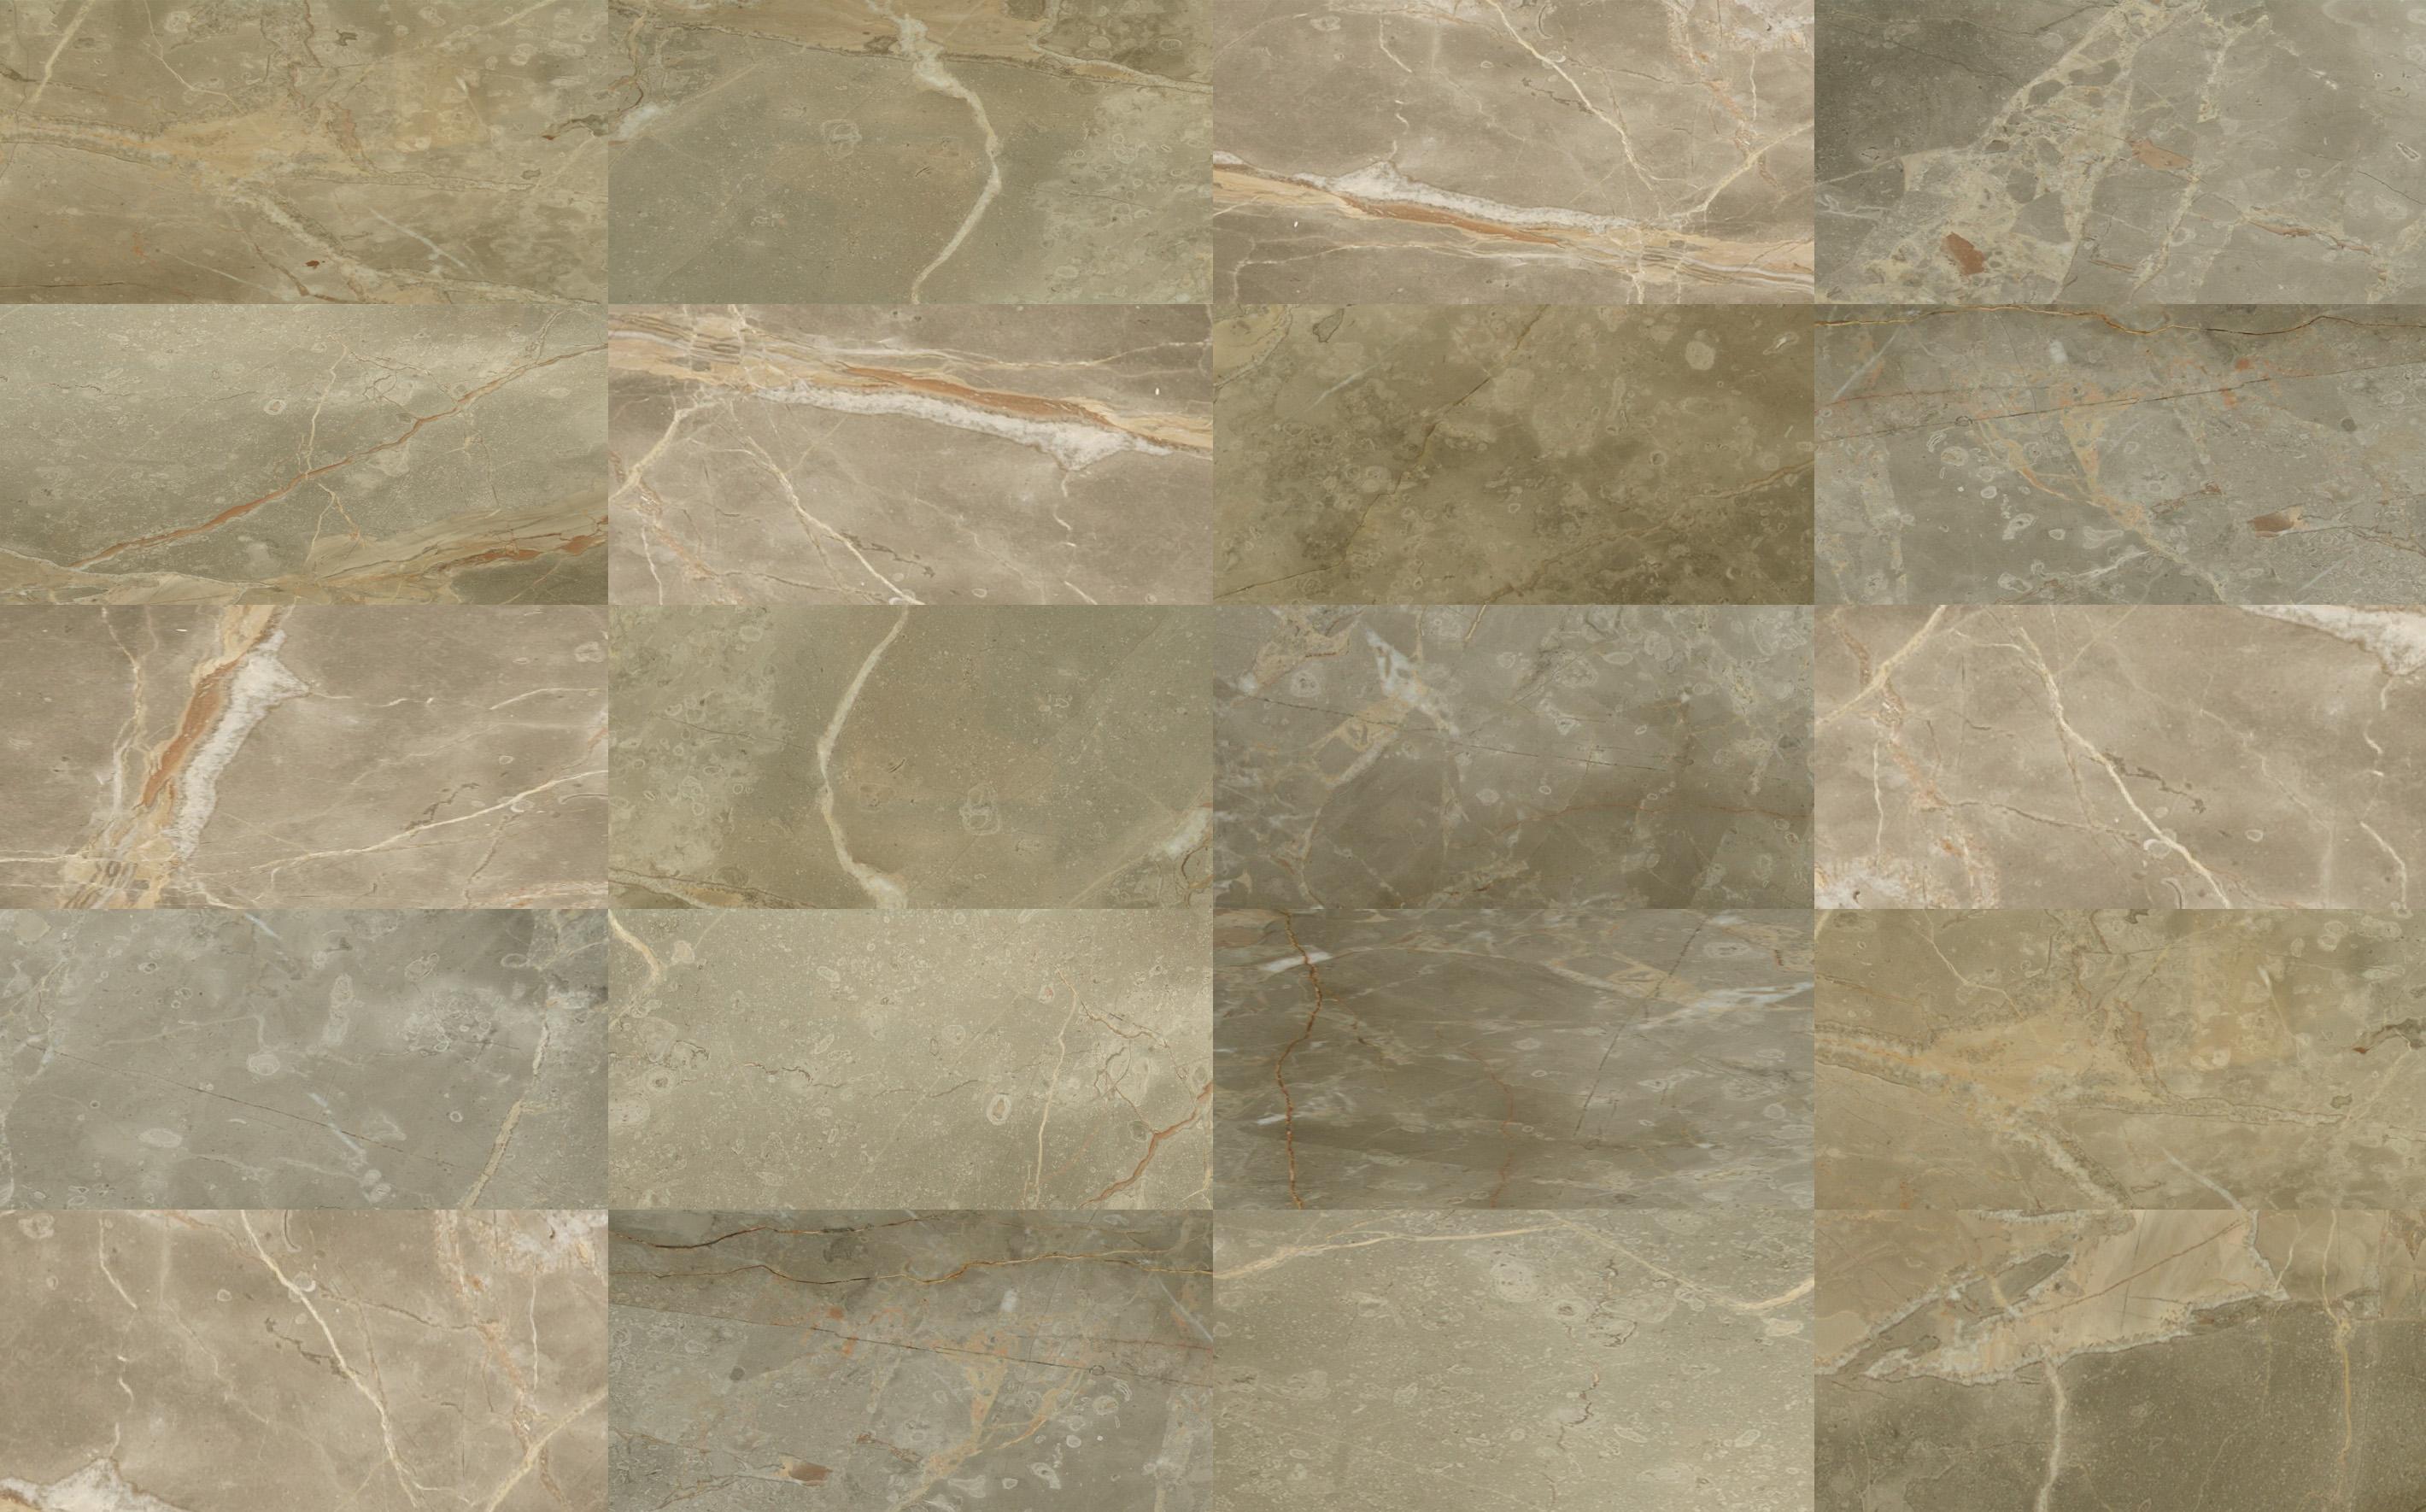 Texture marmo.jpg textures e immagini hdri treddi.com il